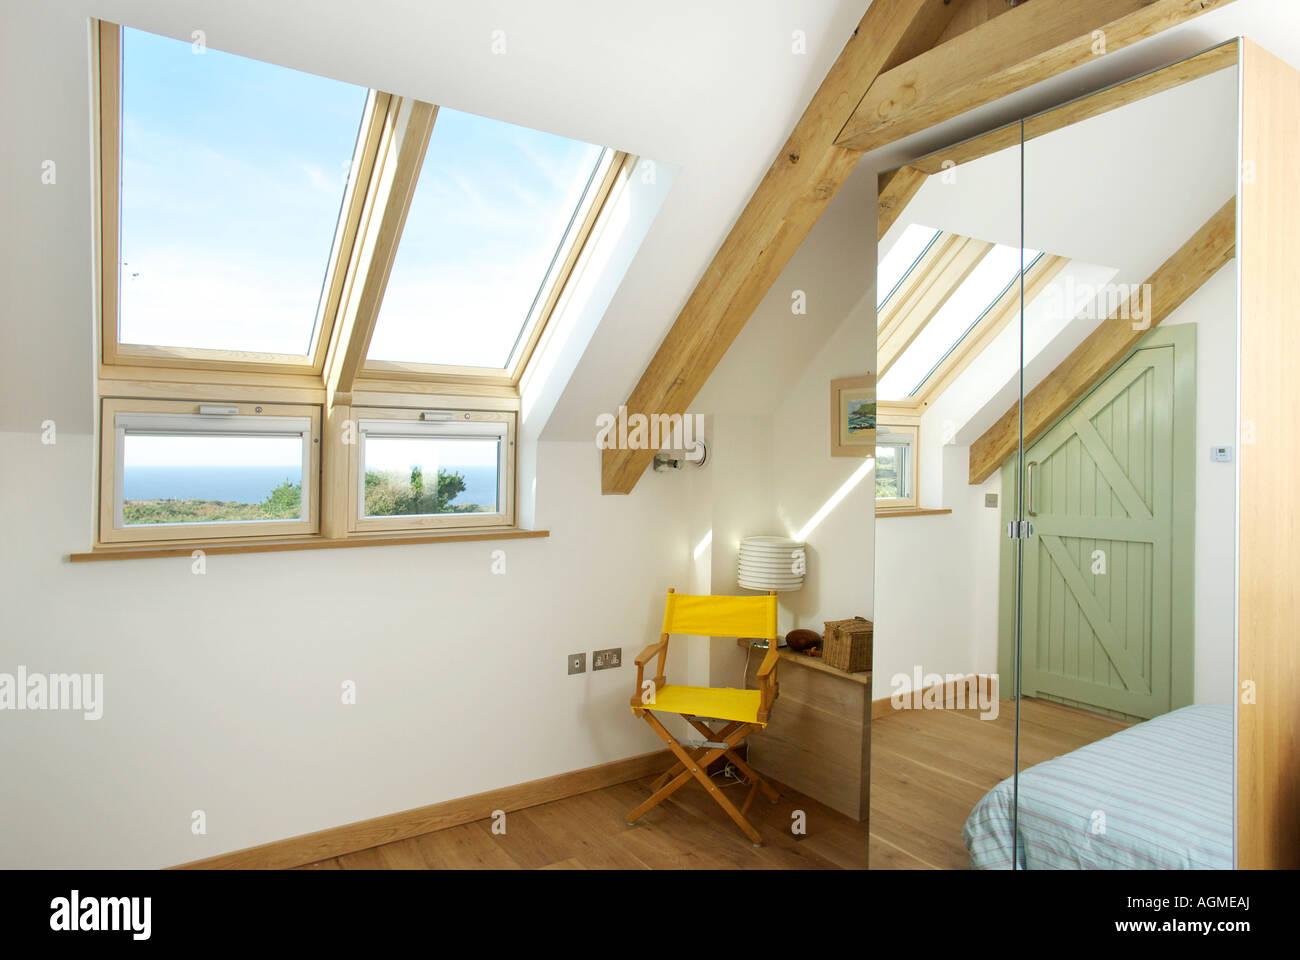 Camera Da Letto Con Soppalco : Camera da letto in soppalco con conversione lucernario windows